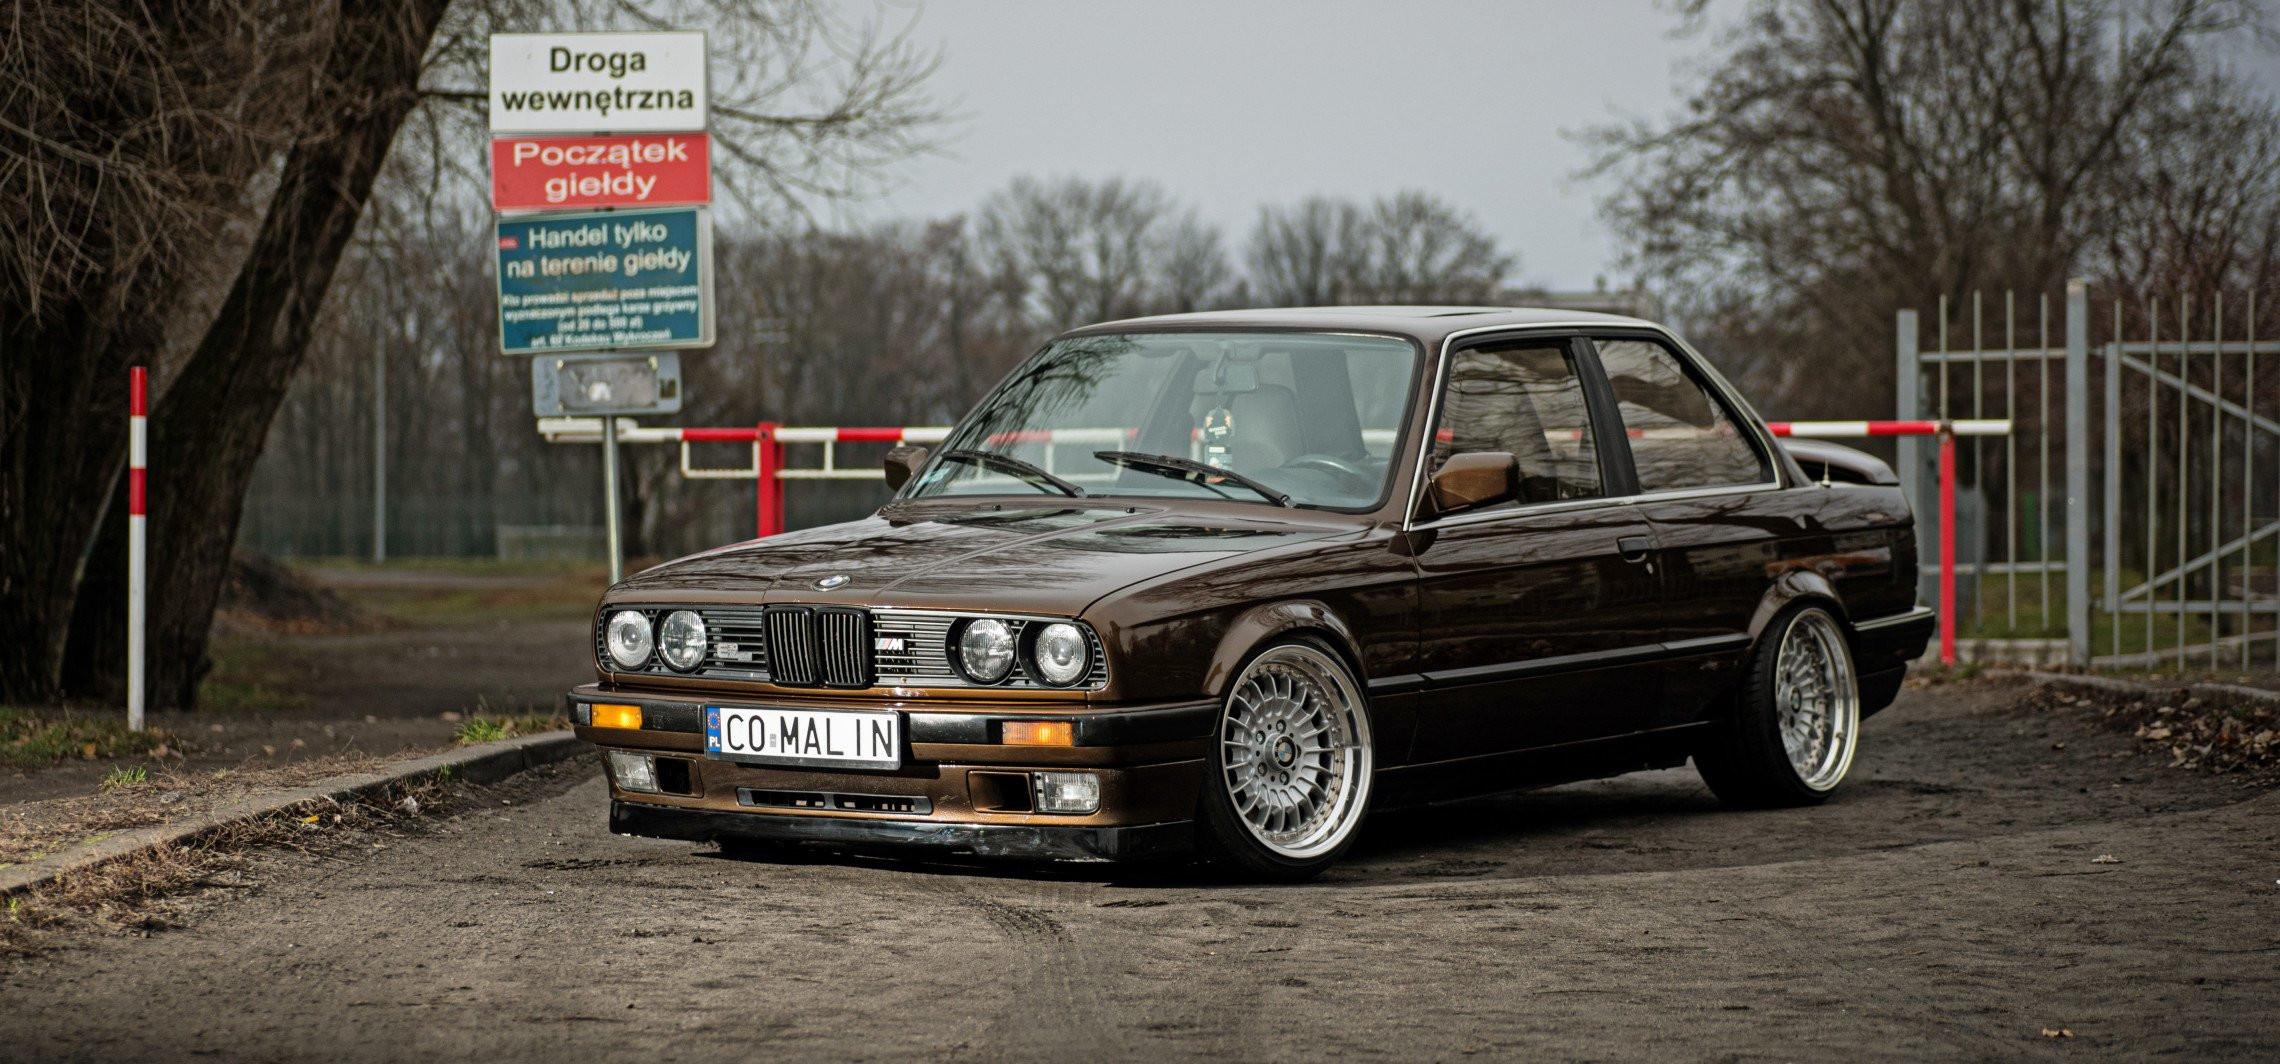 Takie BMW E30 po latach wciąż cieszy oko